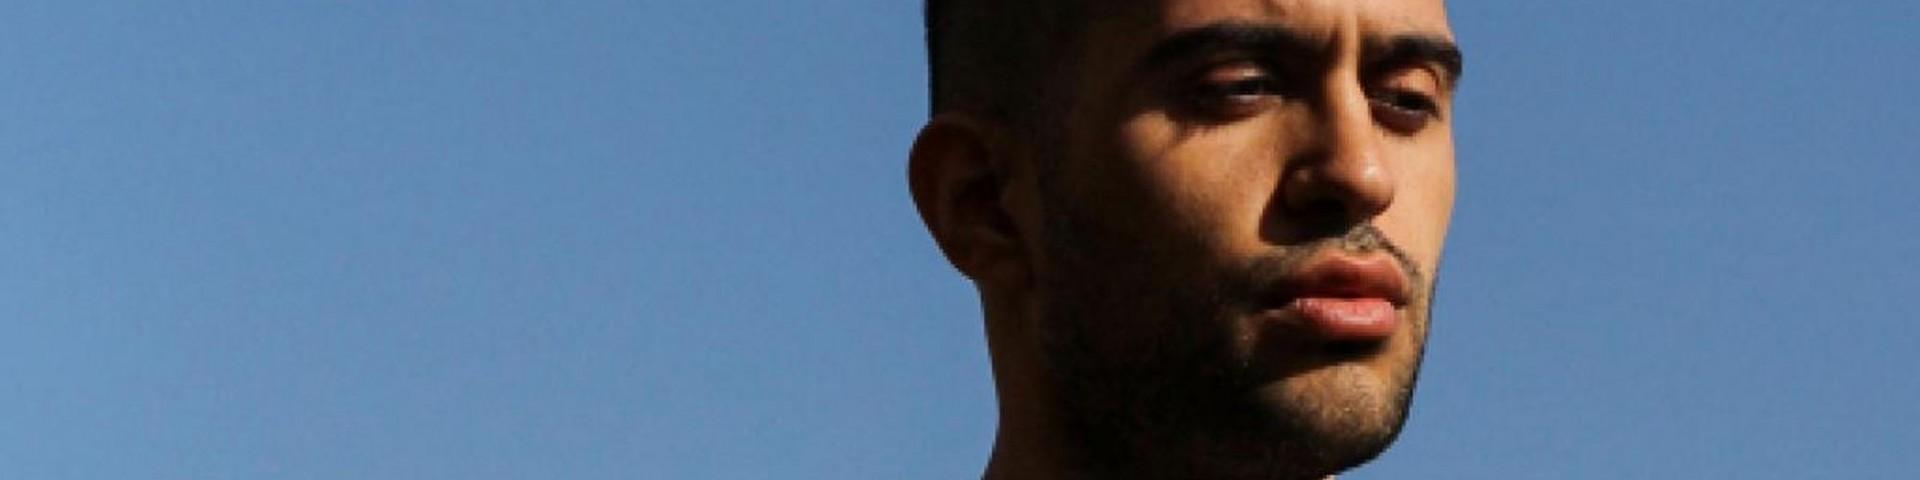 Mahmood in concerto a Firenze - 30 maggio: biglietti, scaletta, ospiti, come arrivare